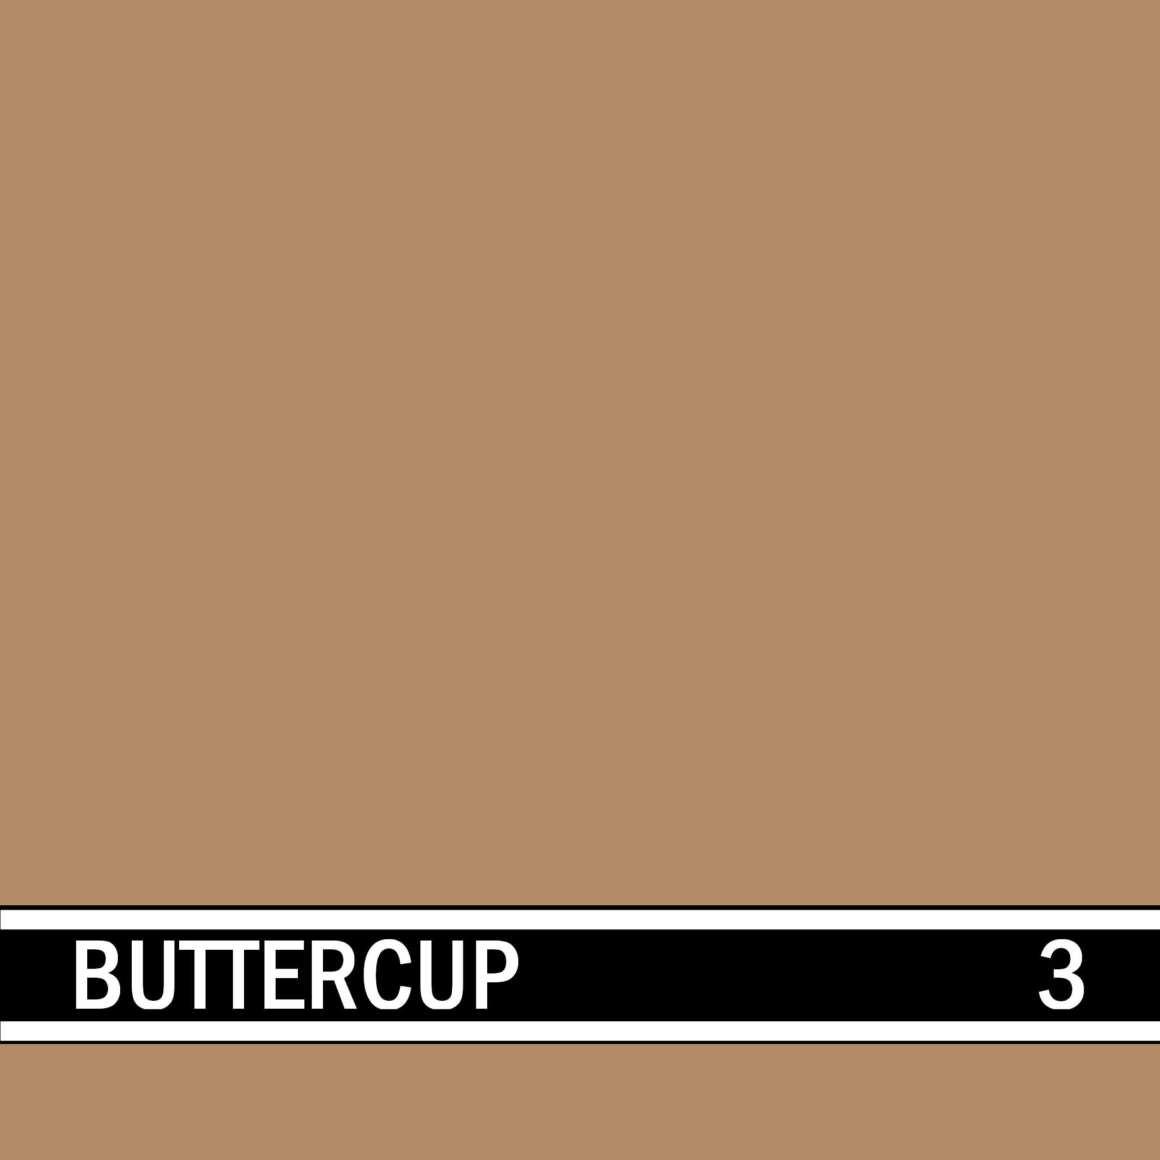 Buttercup integral concrete color for stamped concrete and decorative colored concrete